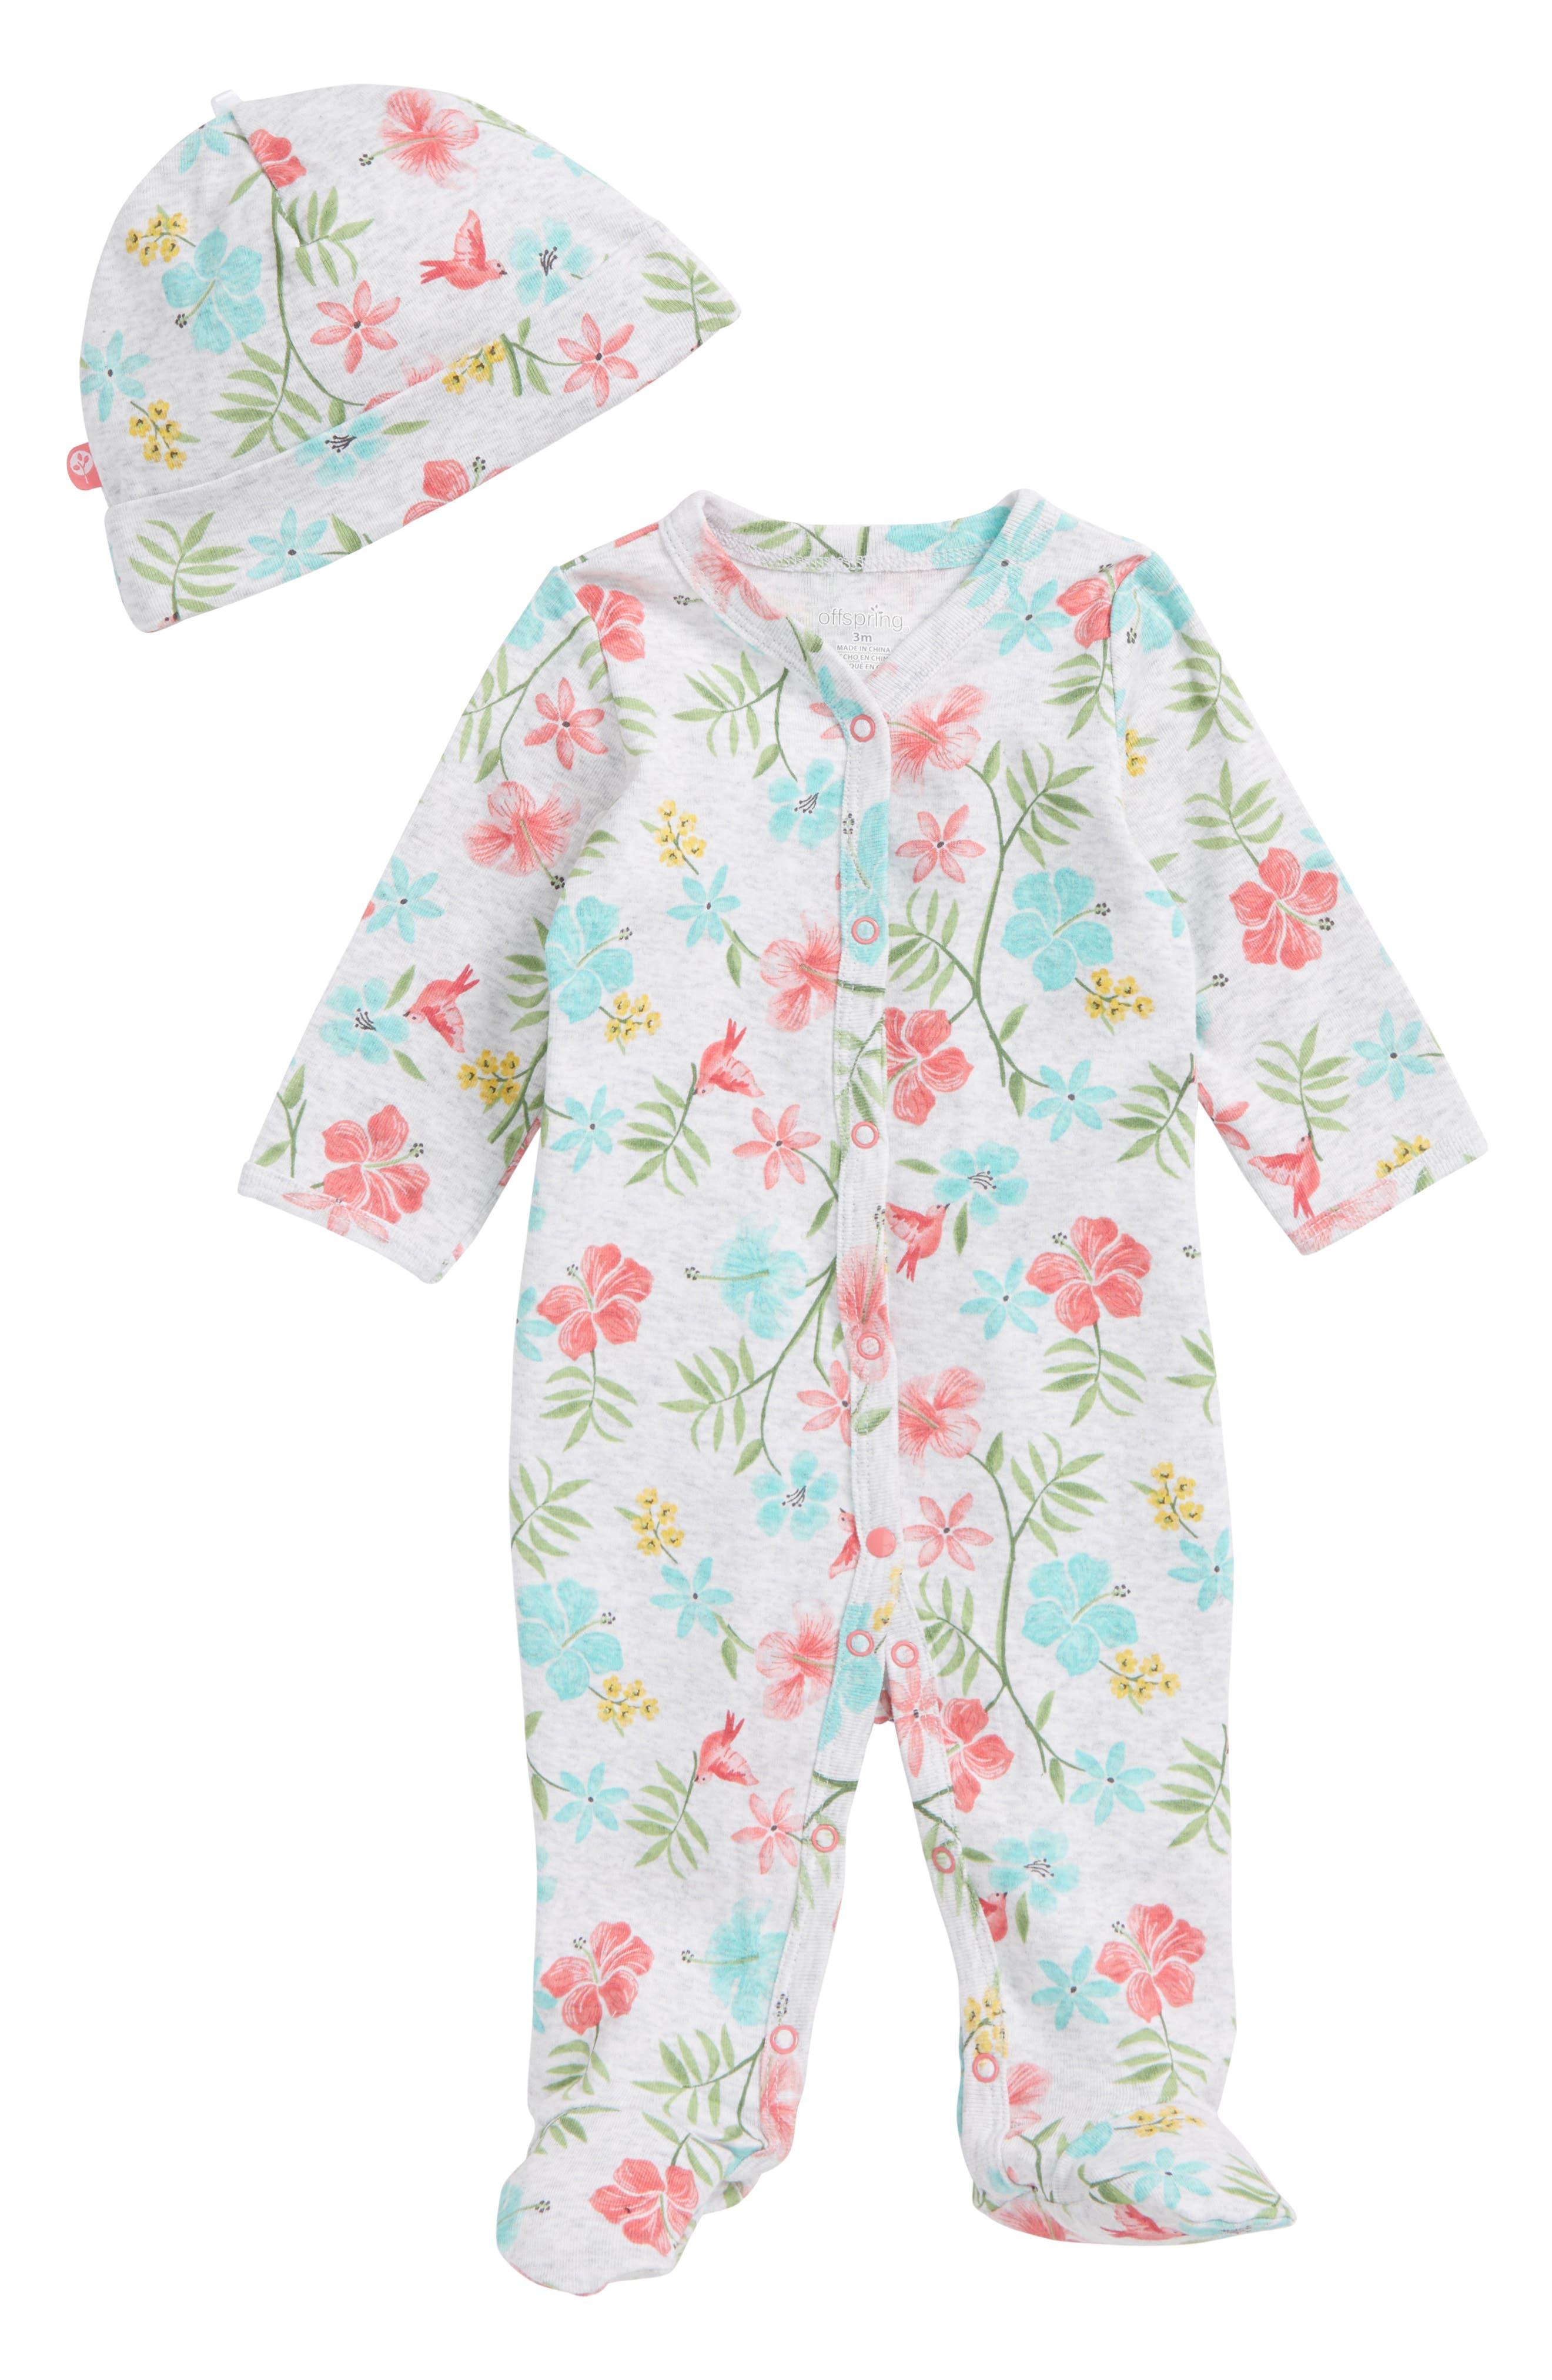 Tropical Floral Footie & Hat Set,                             Main thumbnail 1, color,                             Floral